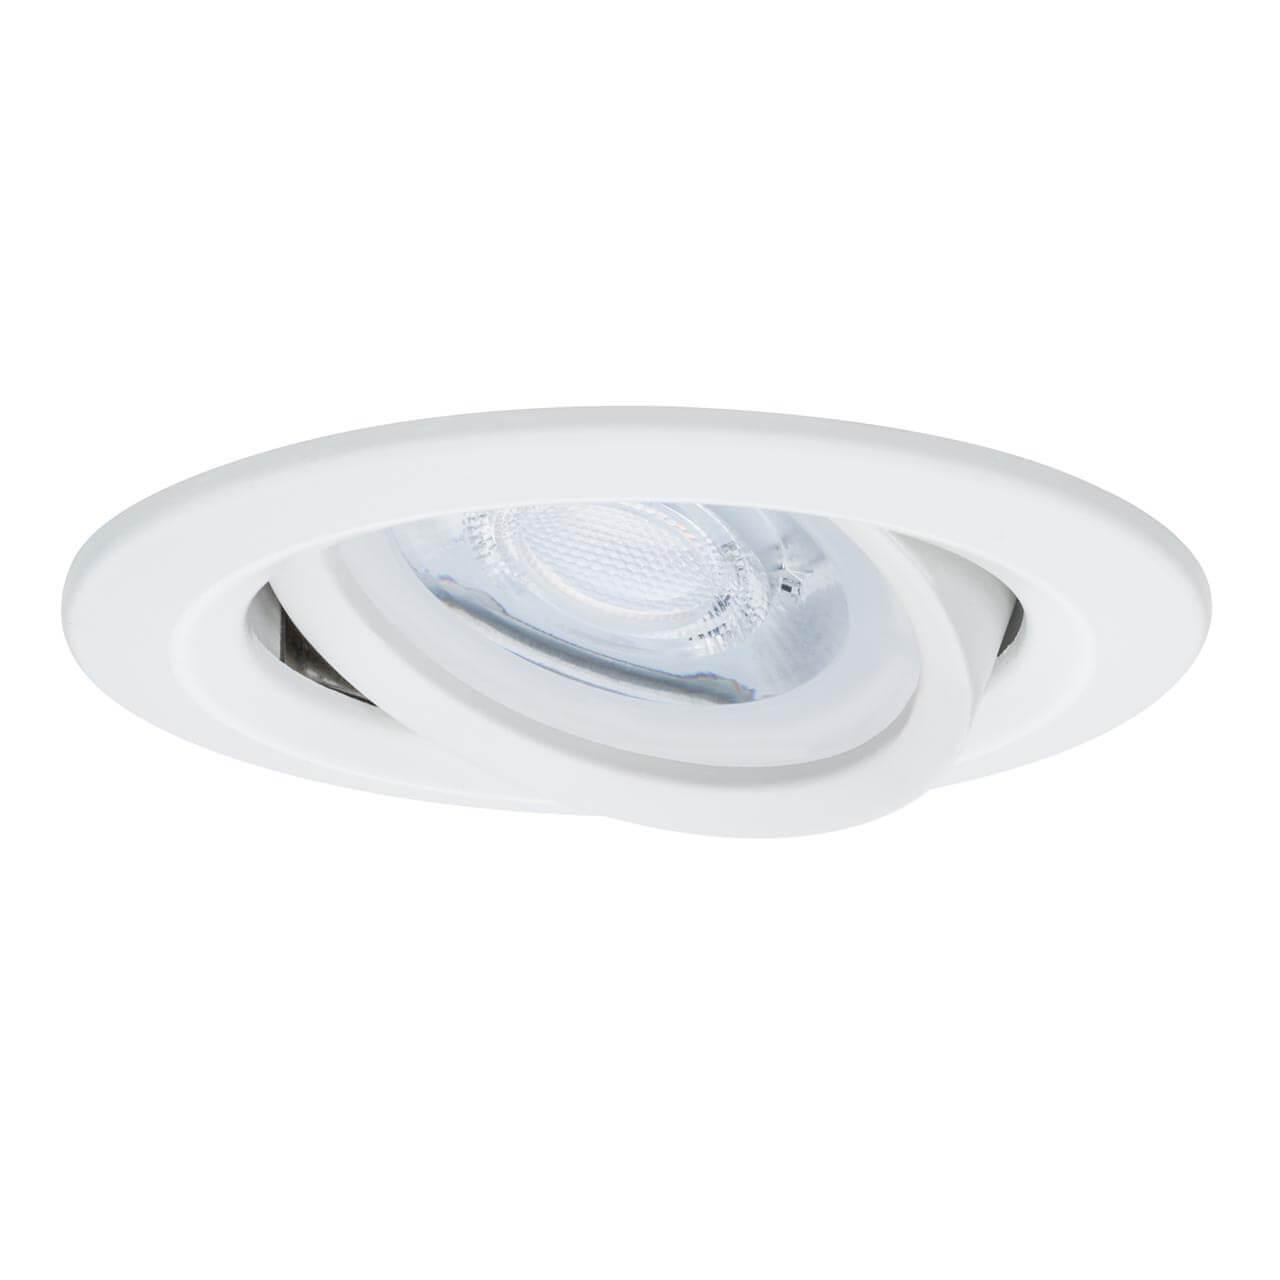 Встраиваемый светодиодный светильник Paulmann Nova 93651